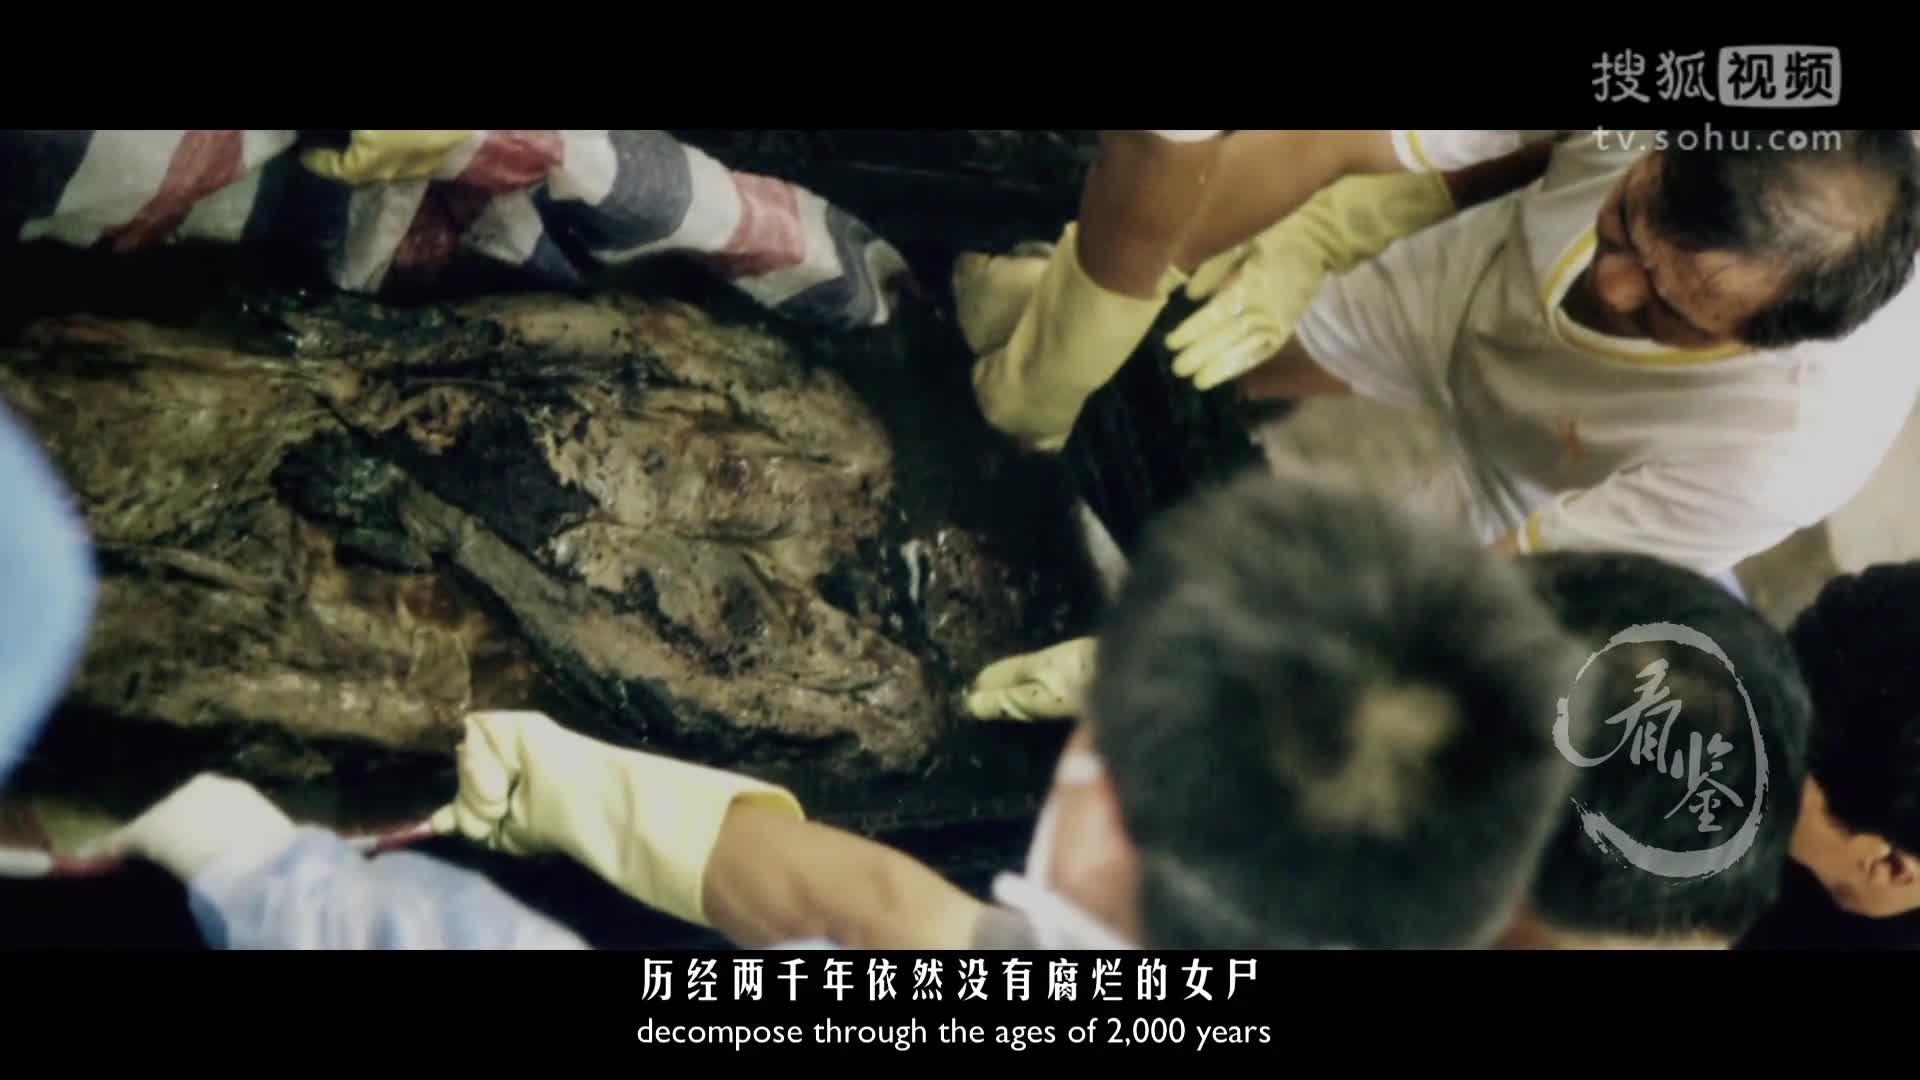 【看鉴】揭秘江苏2000年汉朝女尸不腐真相【历史大揭秘】-23